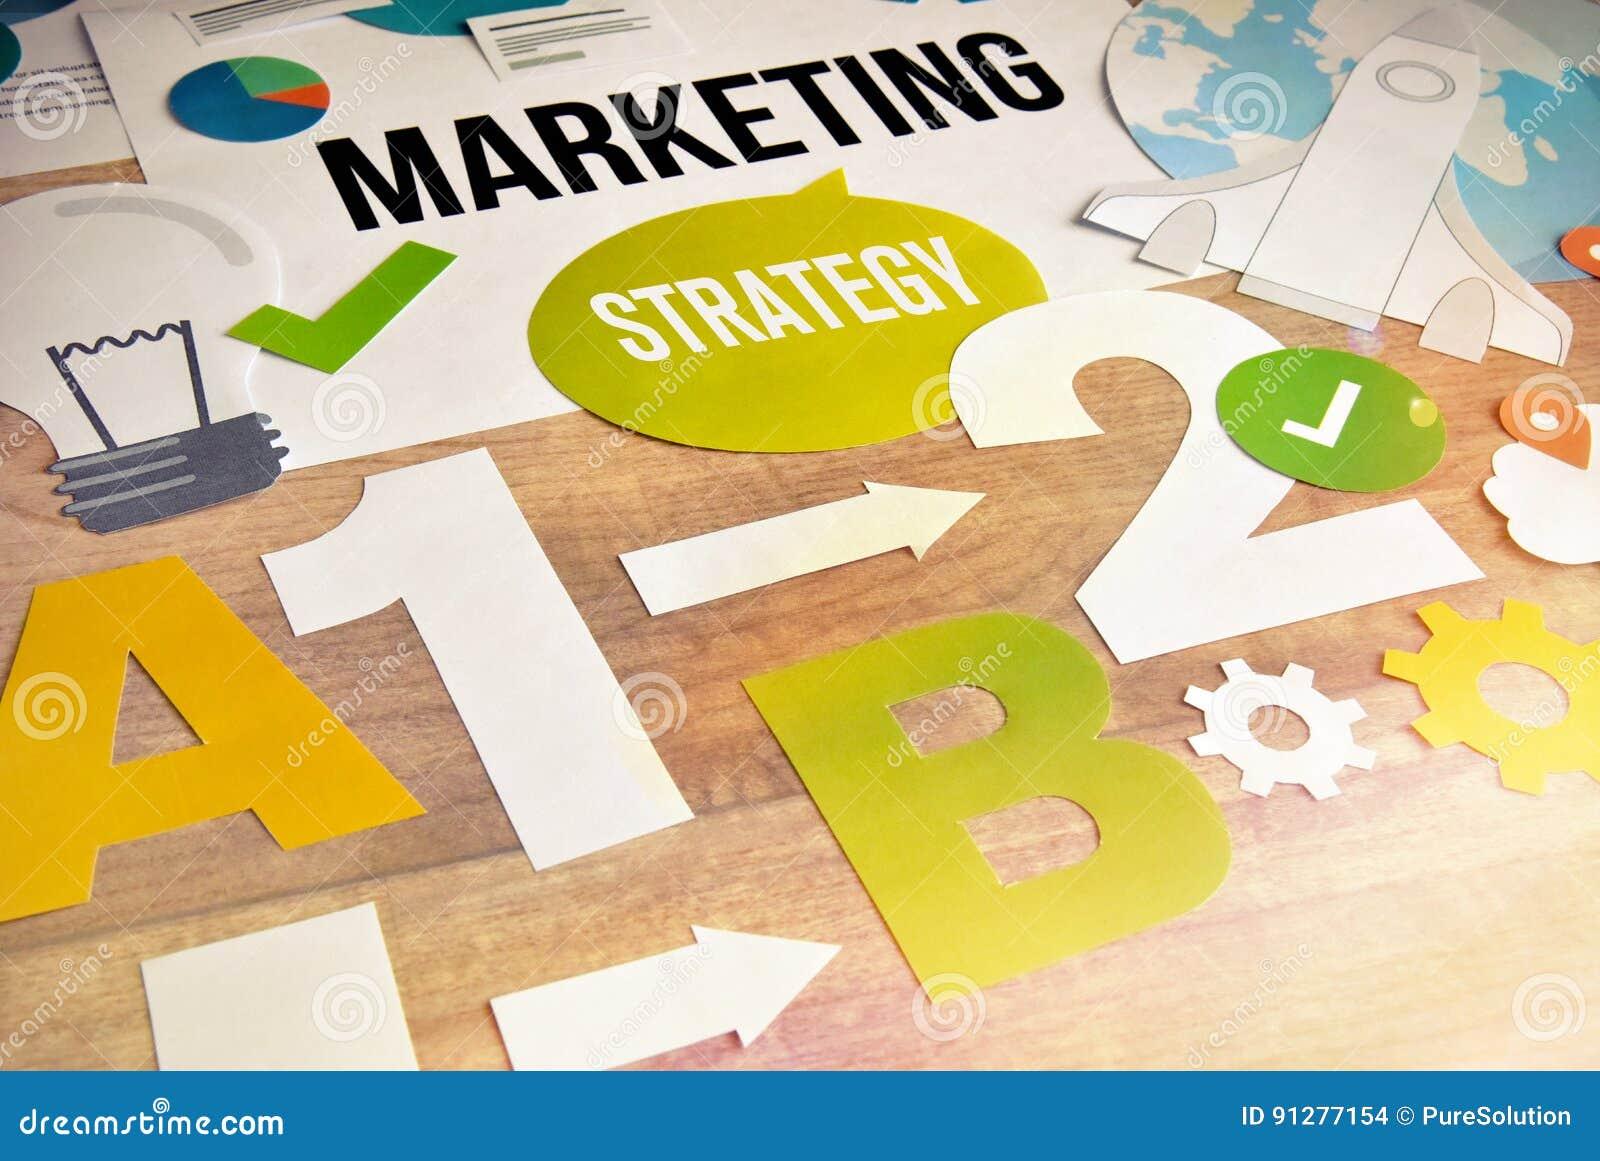 Design för begrepp för marknadsföringsstrategi